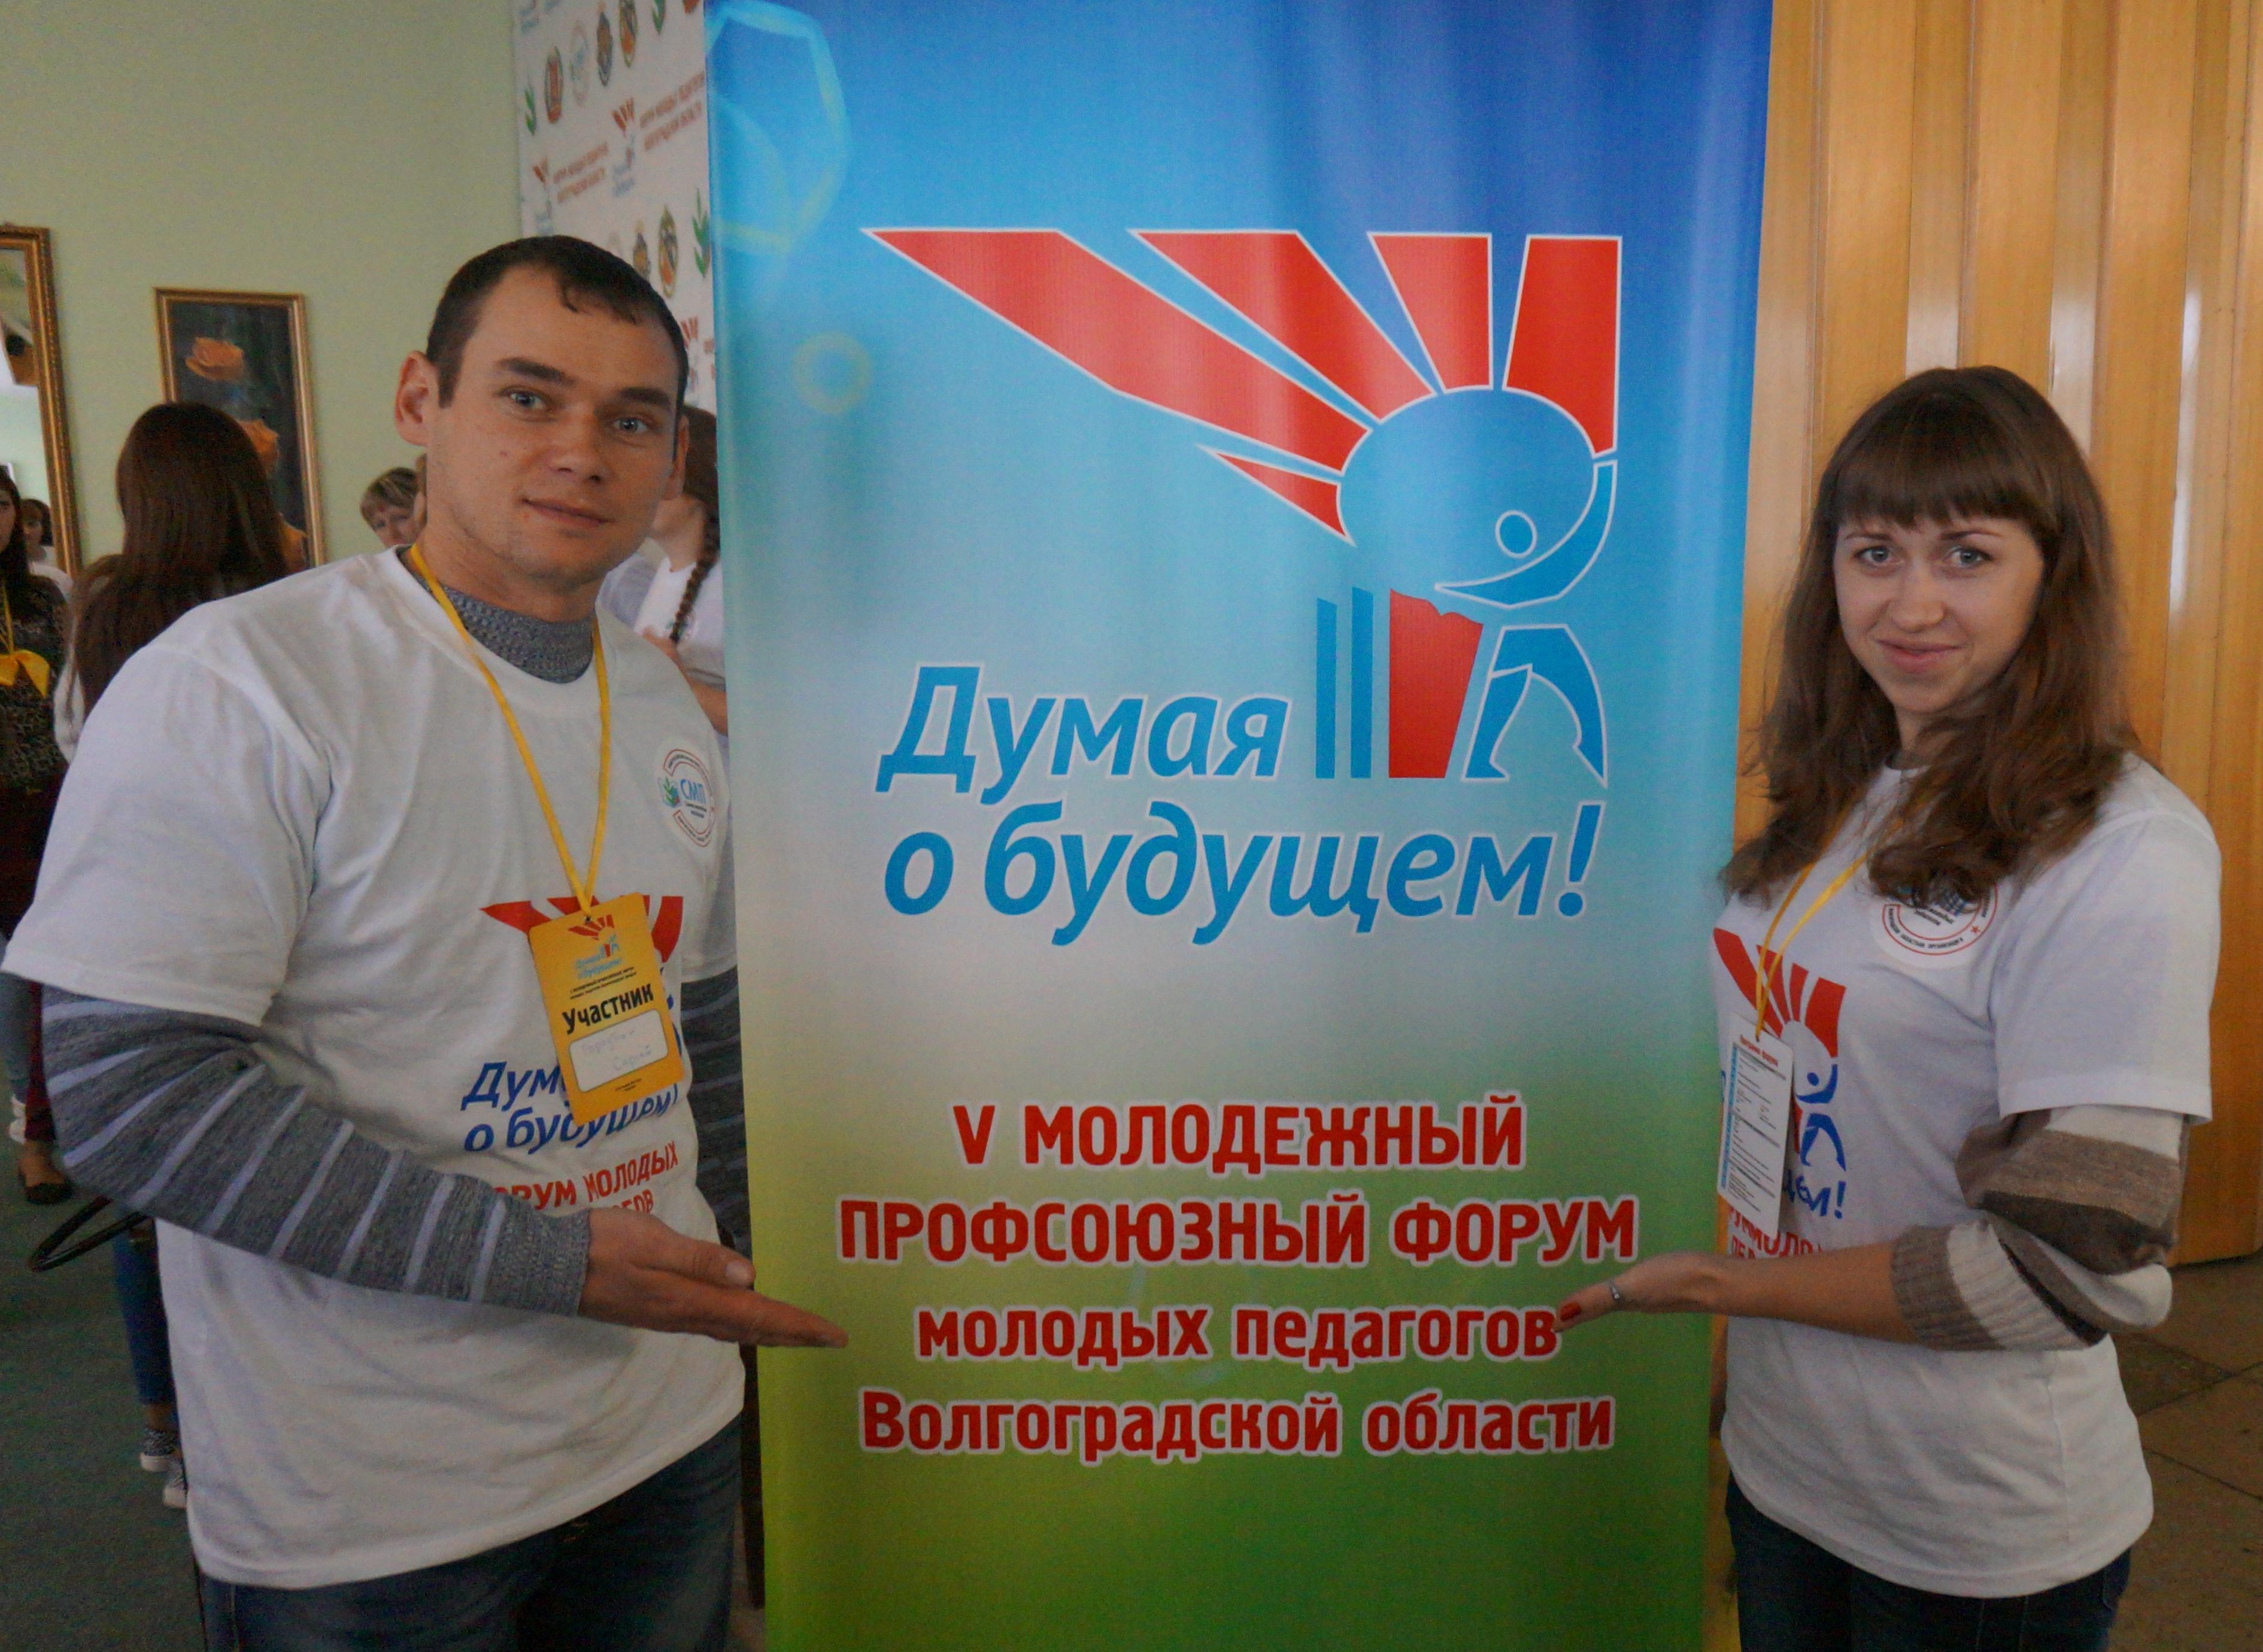 http://rono-novoan.edusite.ru/images/img_6362.jpg